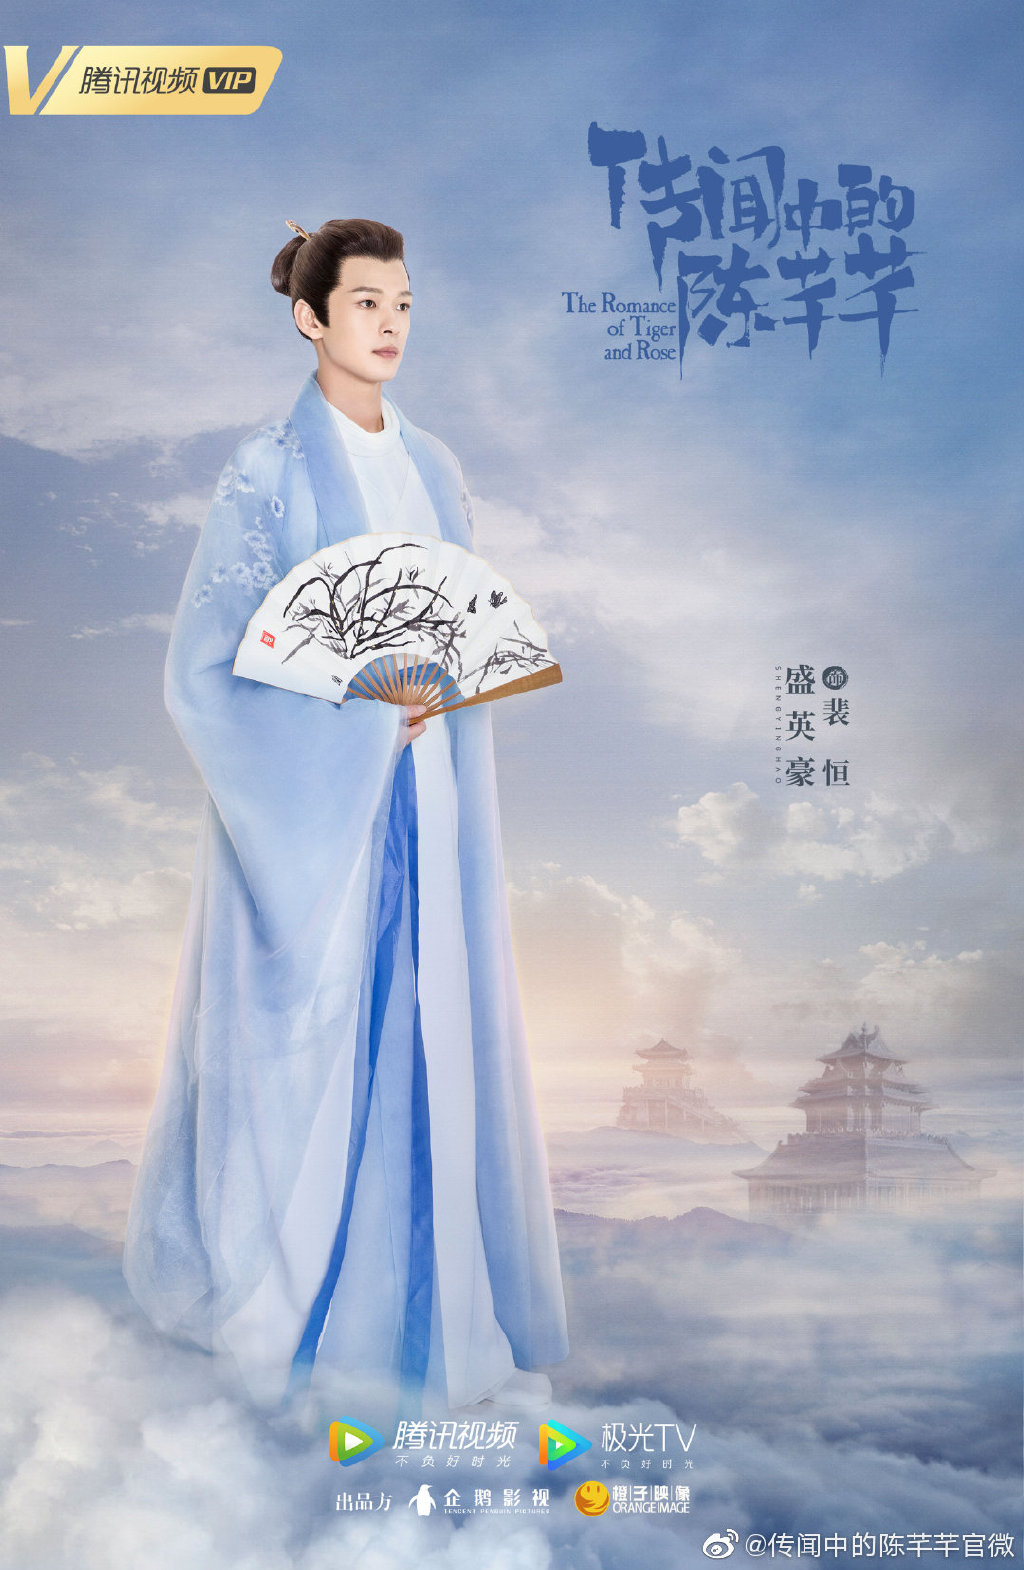 Sheng Ying Hao